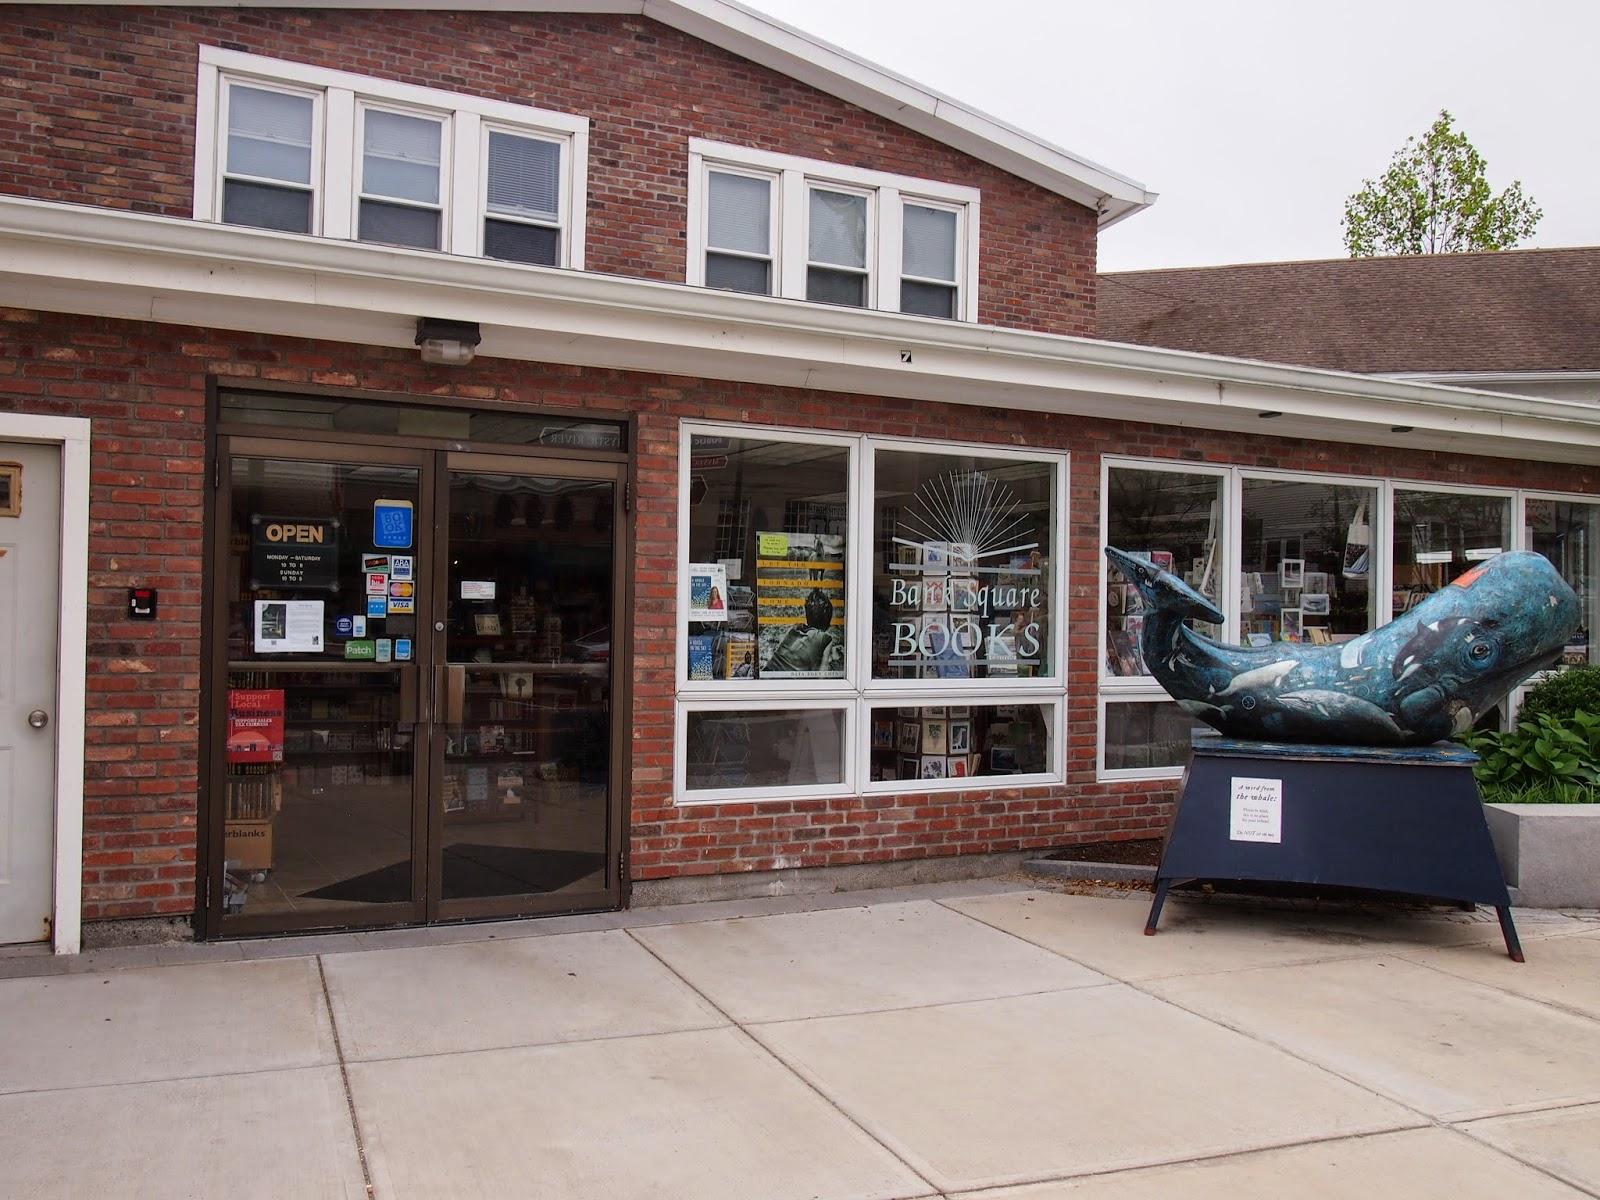 A bookstore in Mystic, Connecticut